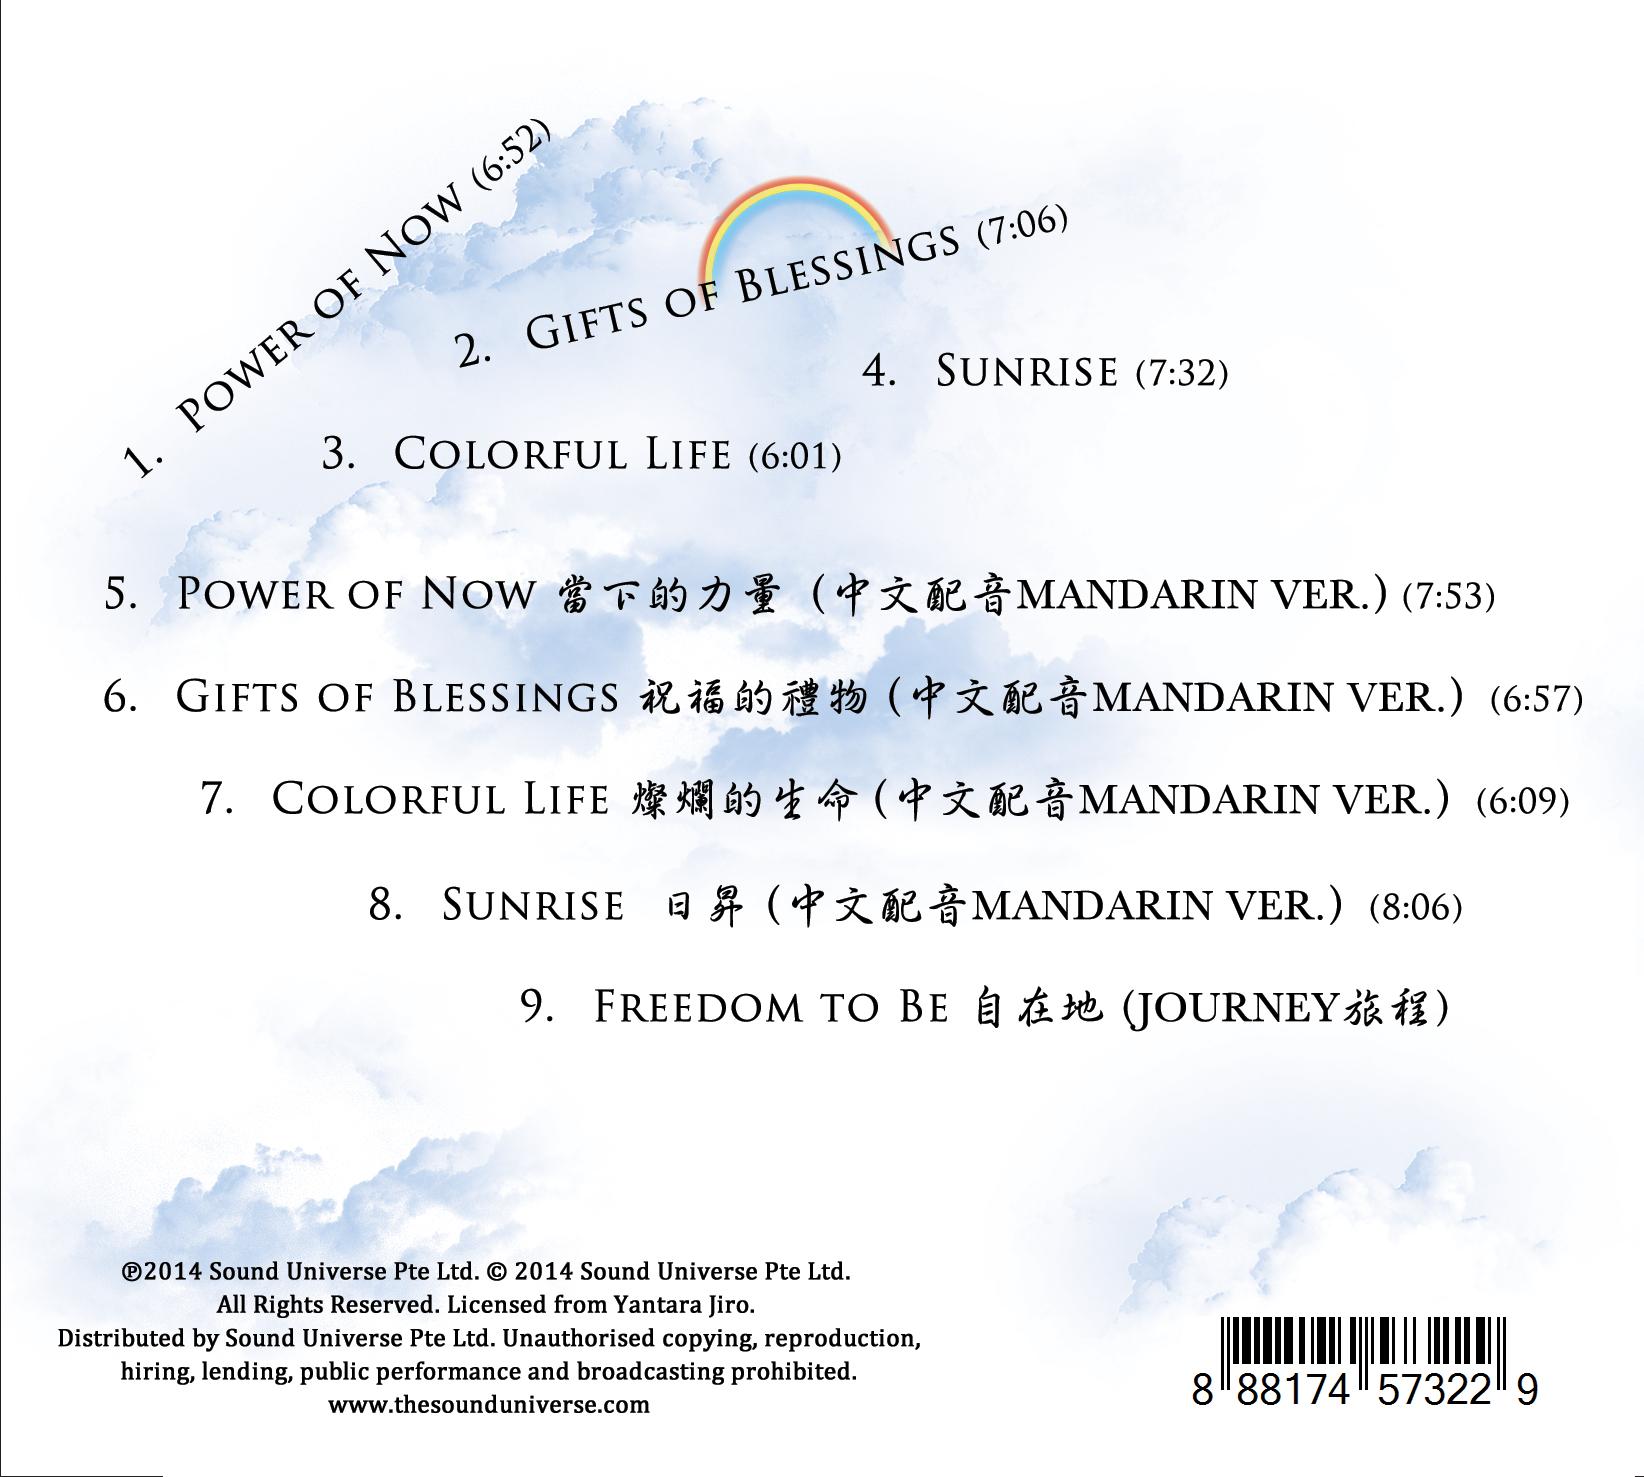 Gift of Blessings